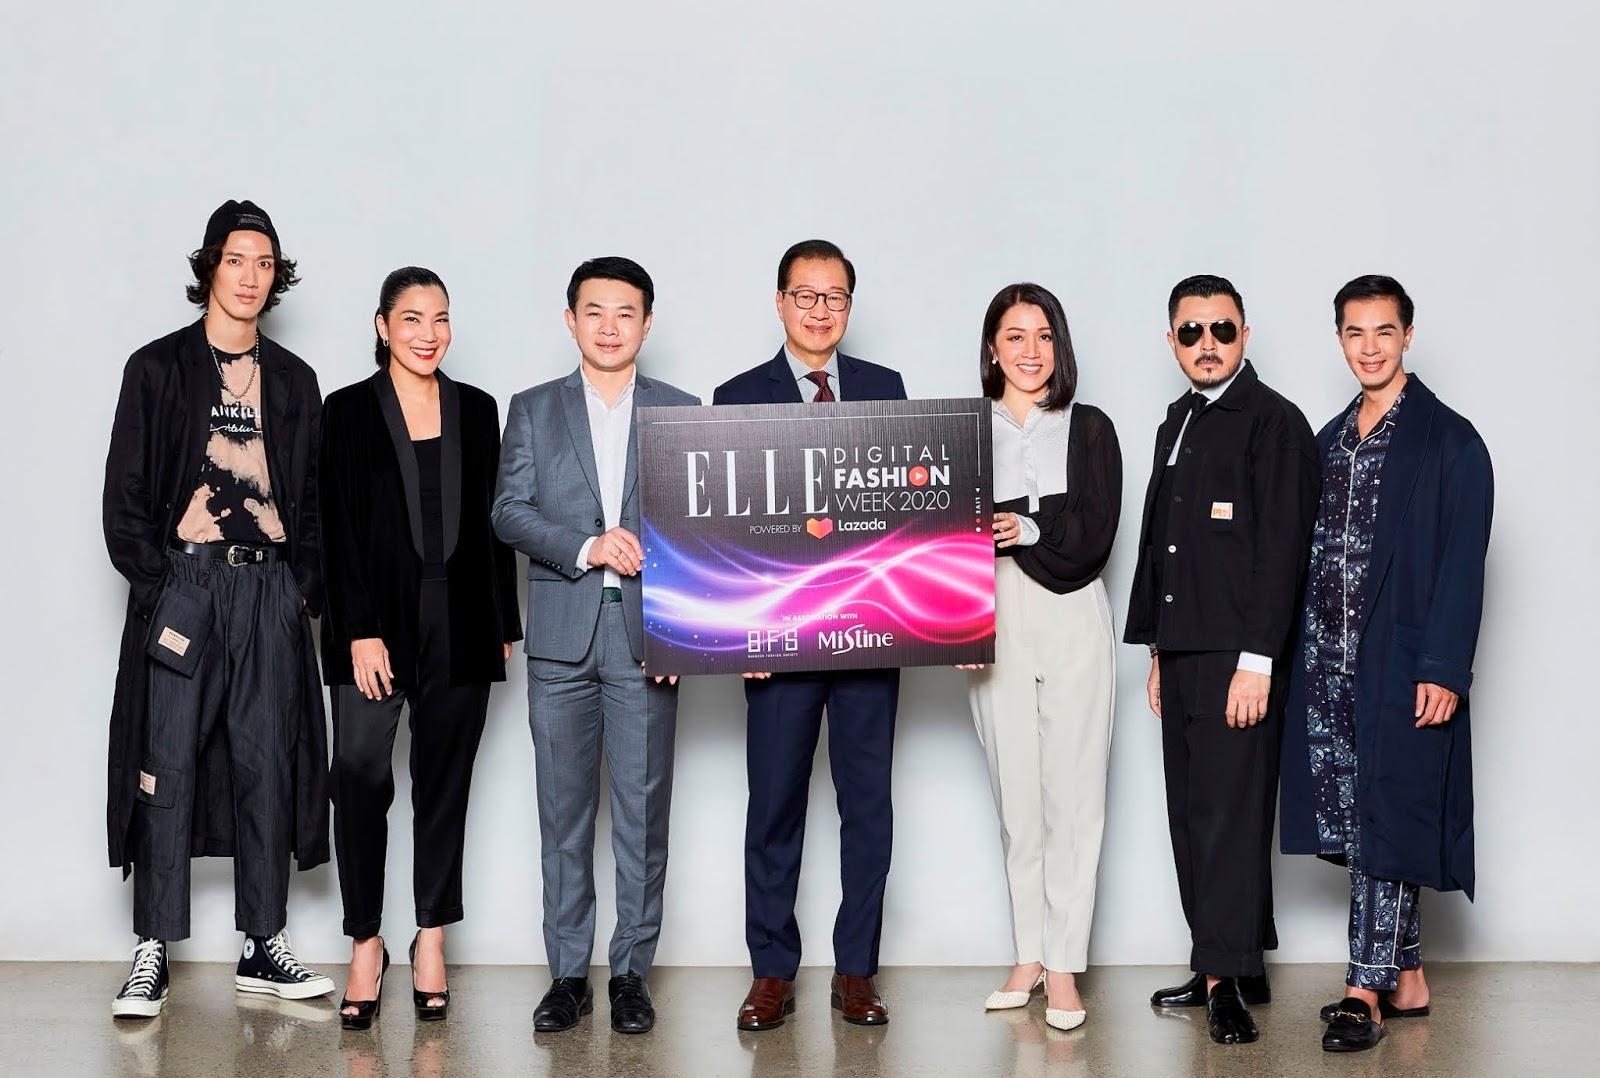 สัมผัสปรากฏการณ์แฟชั่นโฉมใหม่ครั้งแรกในเอเชียตะวันออกเฉียงใต้ลาซาด้าเสิร์ฟ Virtual Runway เต็มรูปแบบผ่านไลฟ์ กับ ELLE Digital Fashion Week 2020 Powered by Lazada